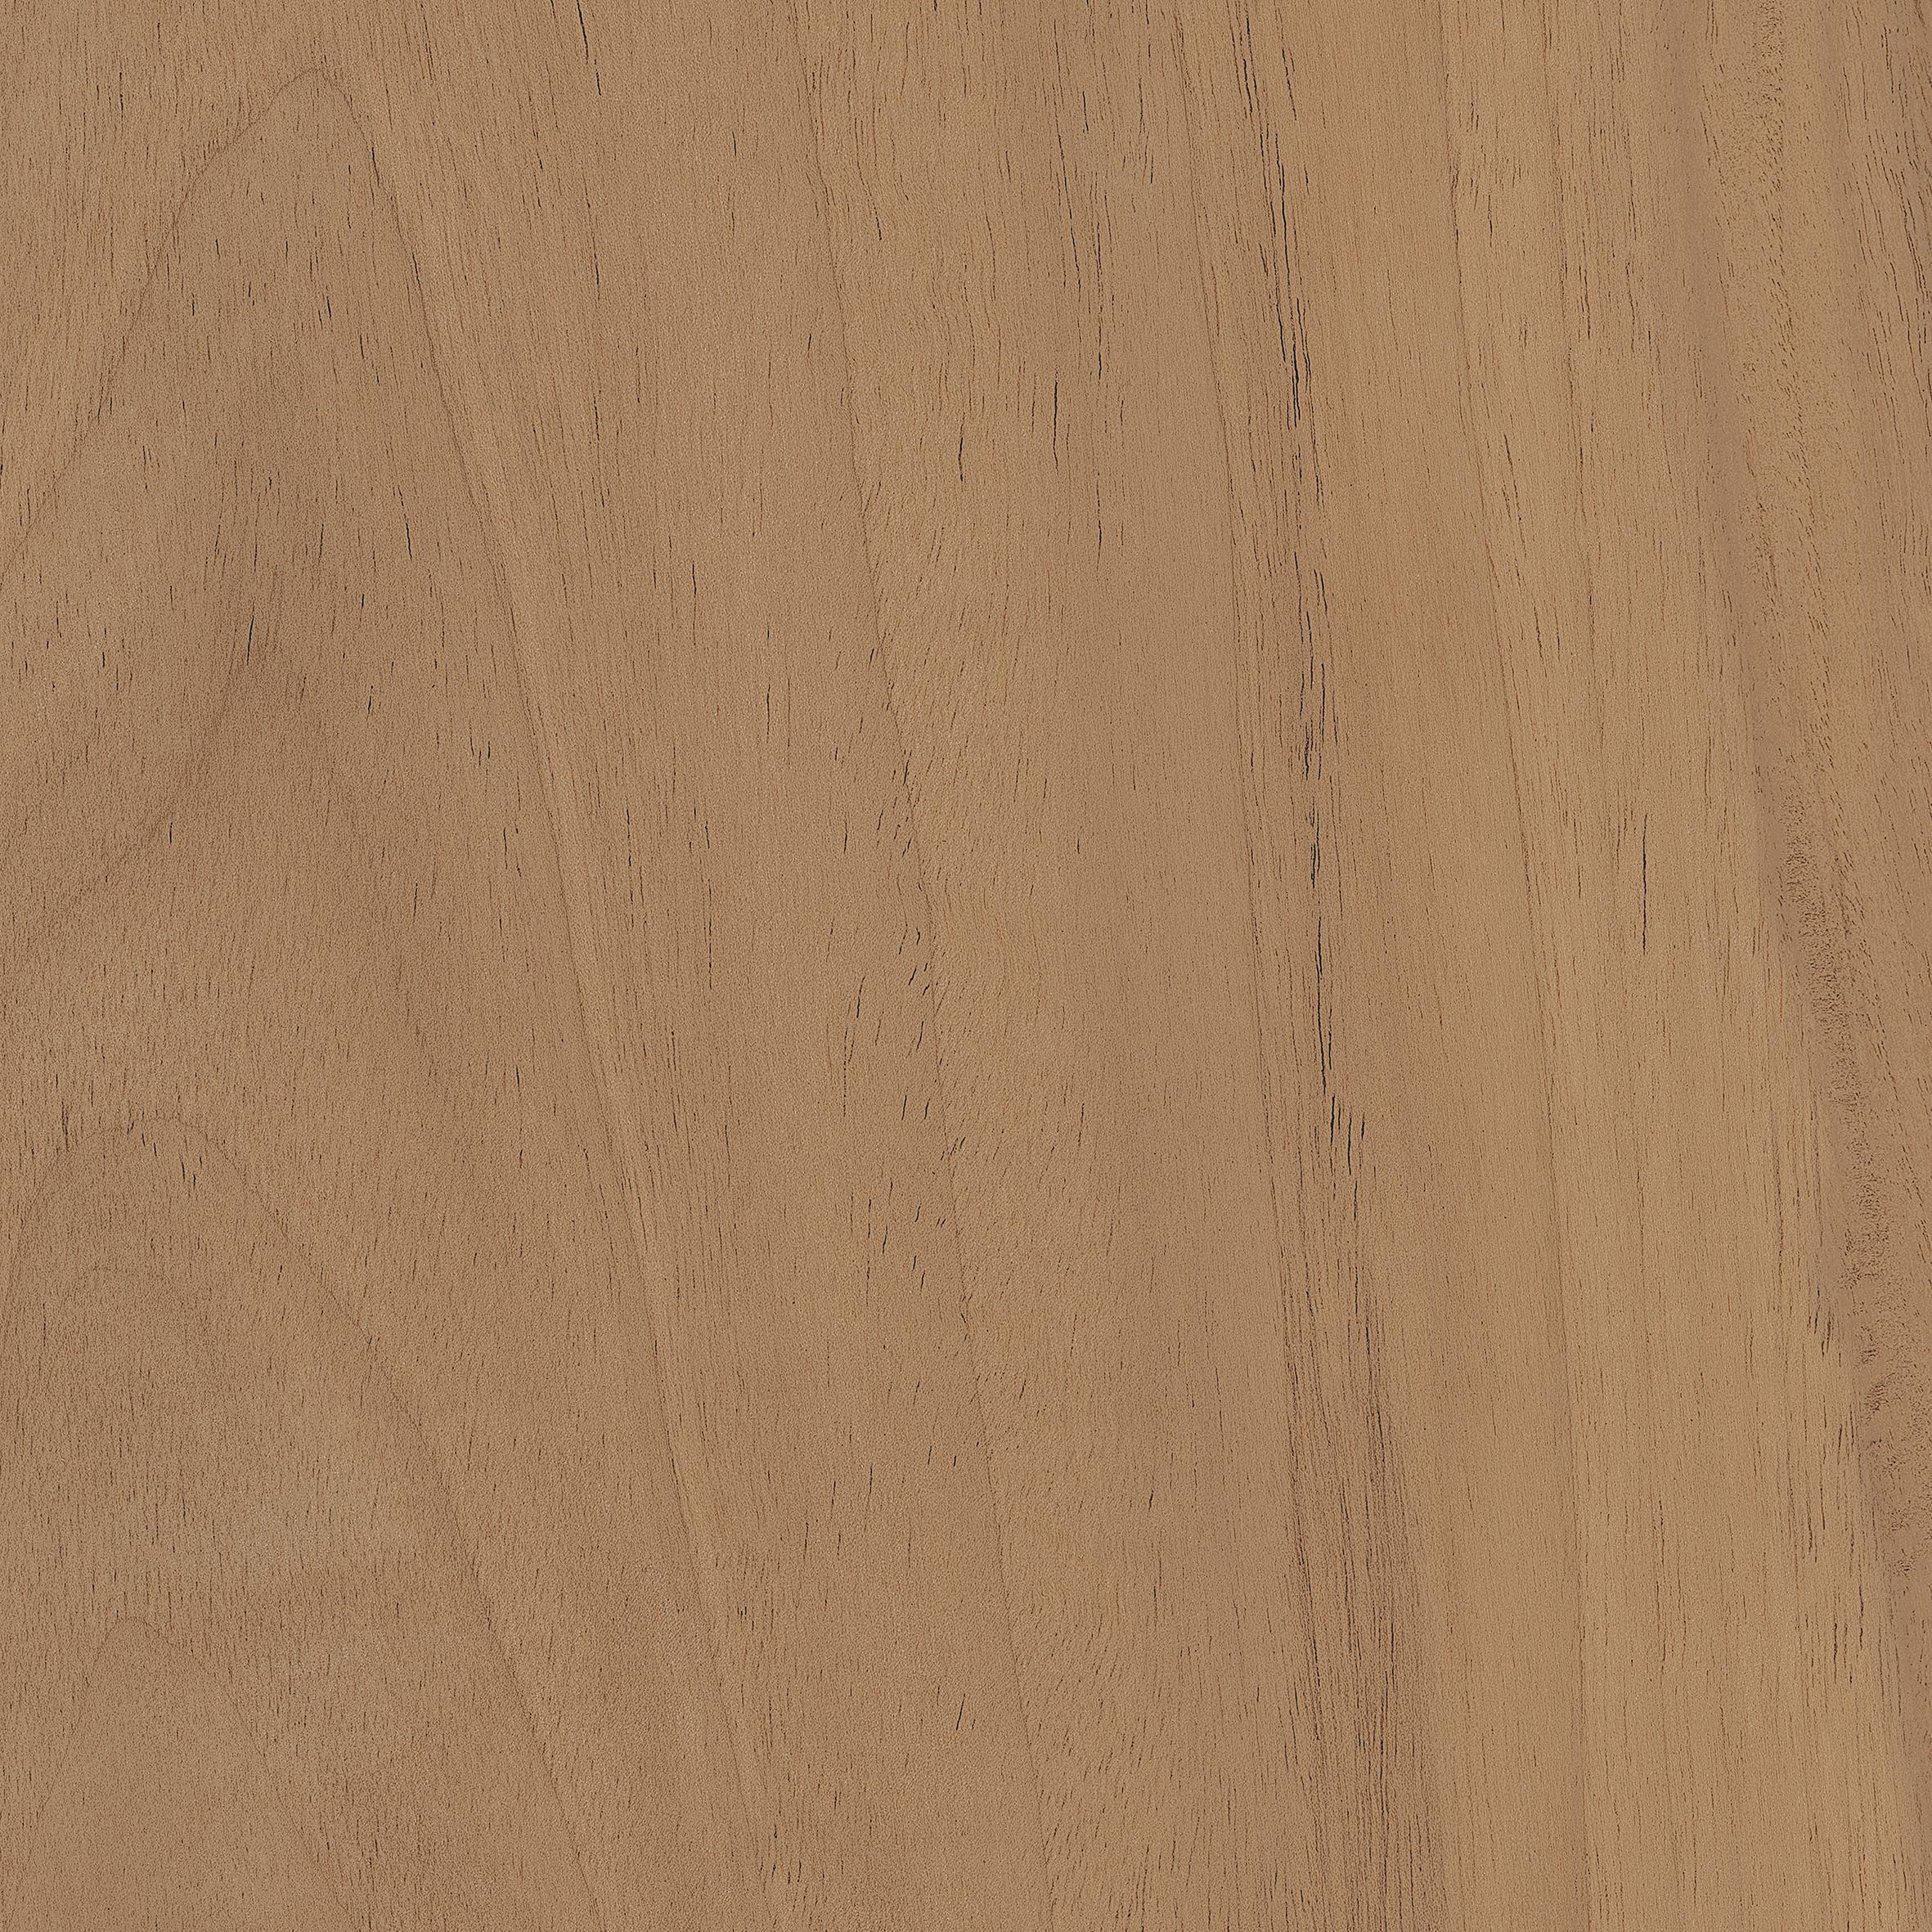 Il gres porcellanato effetto legno per una casa dallo stile unico